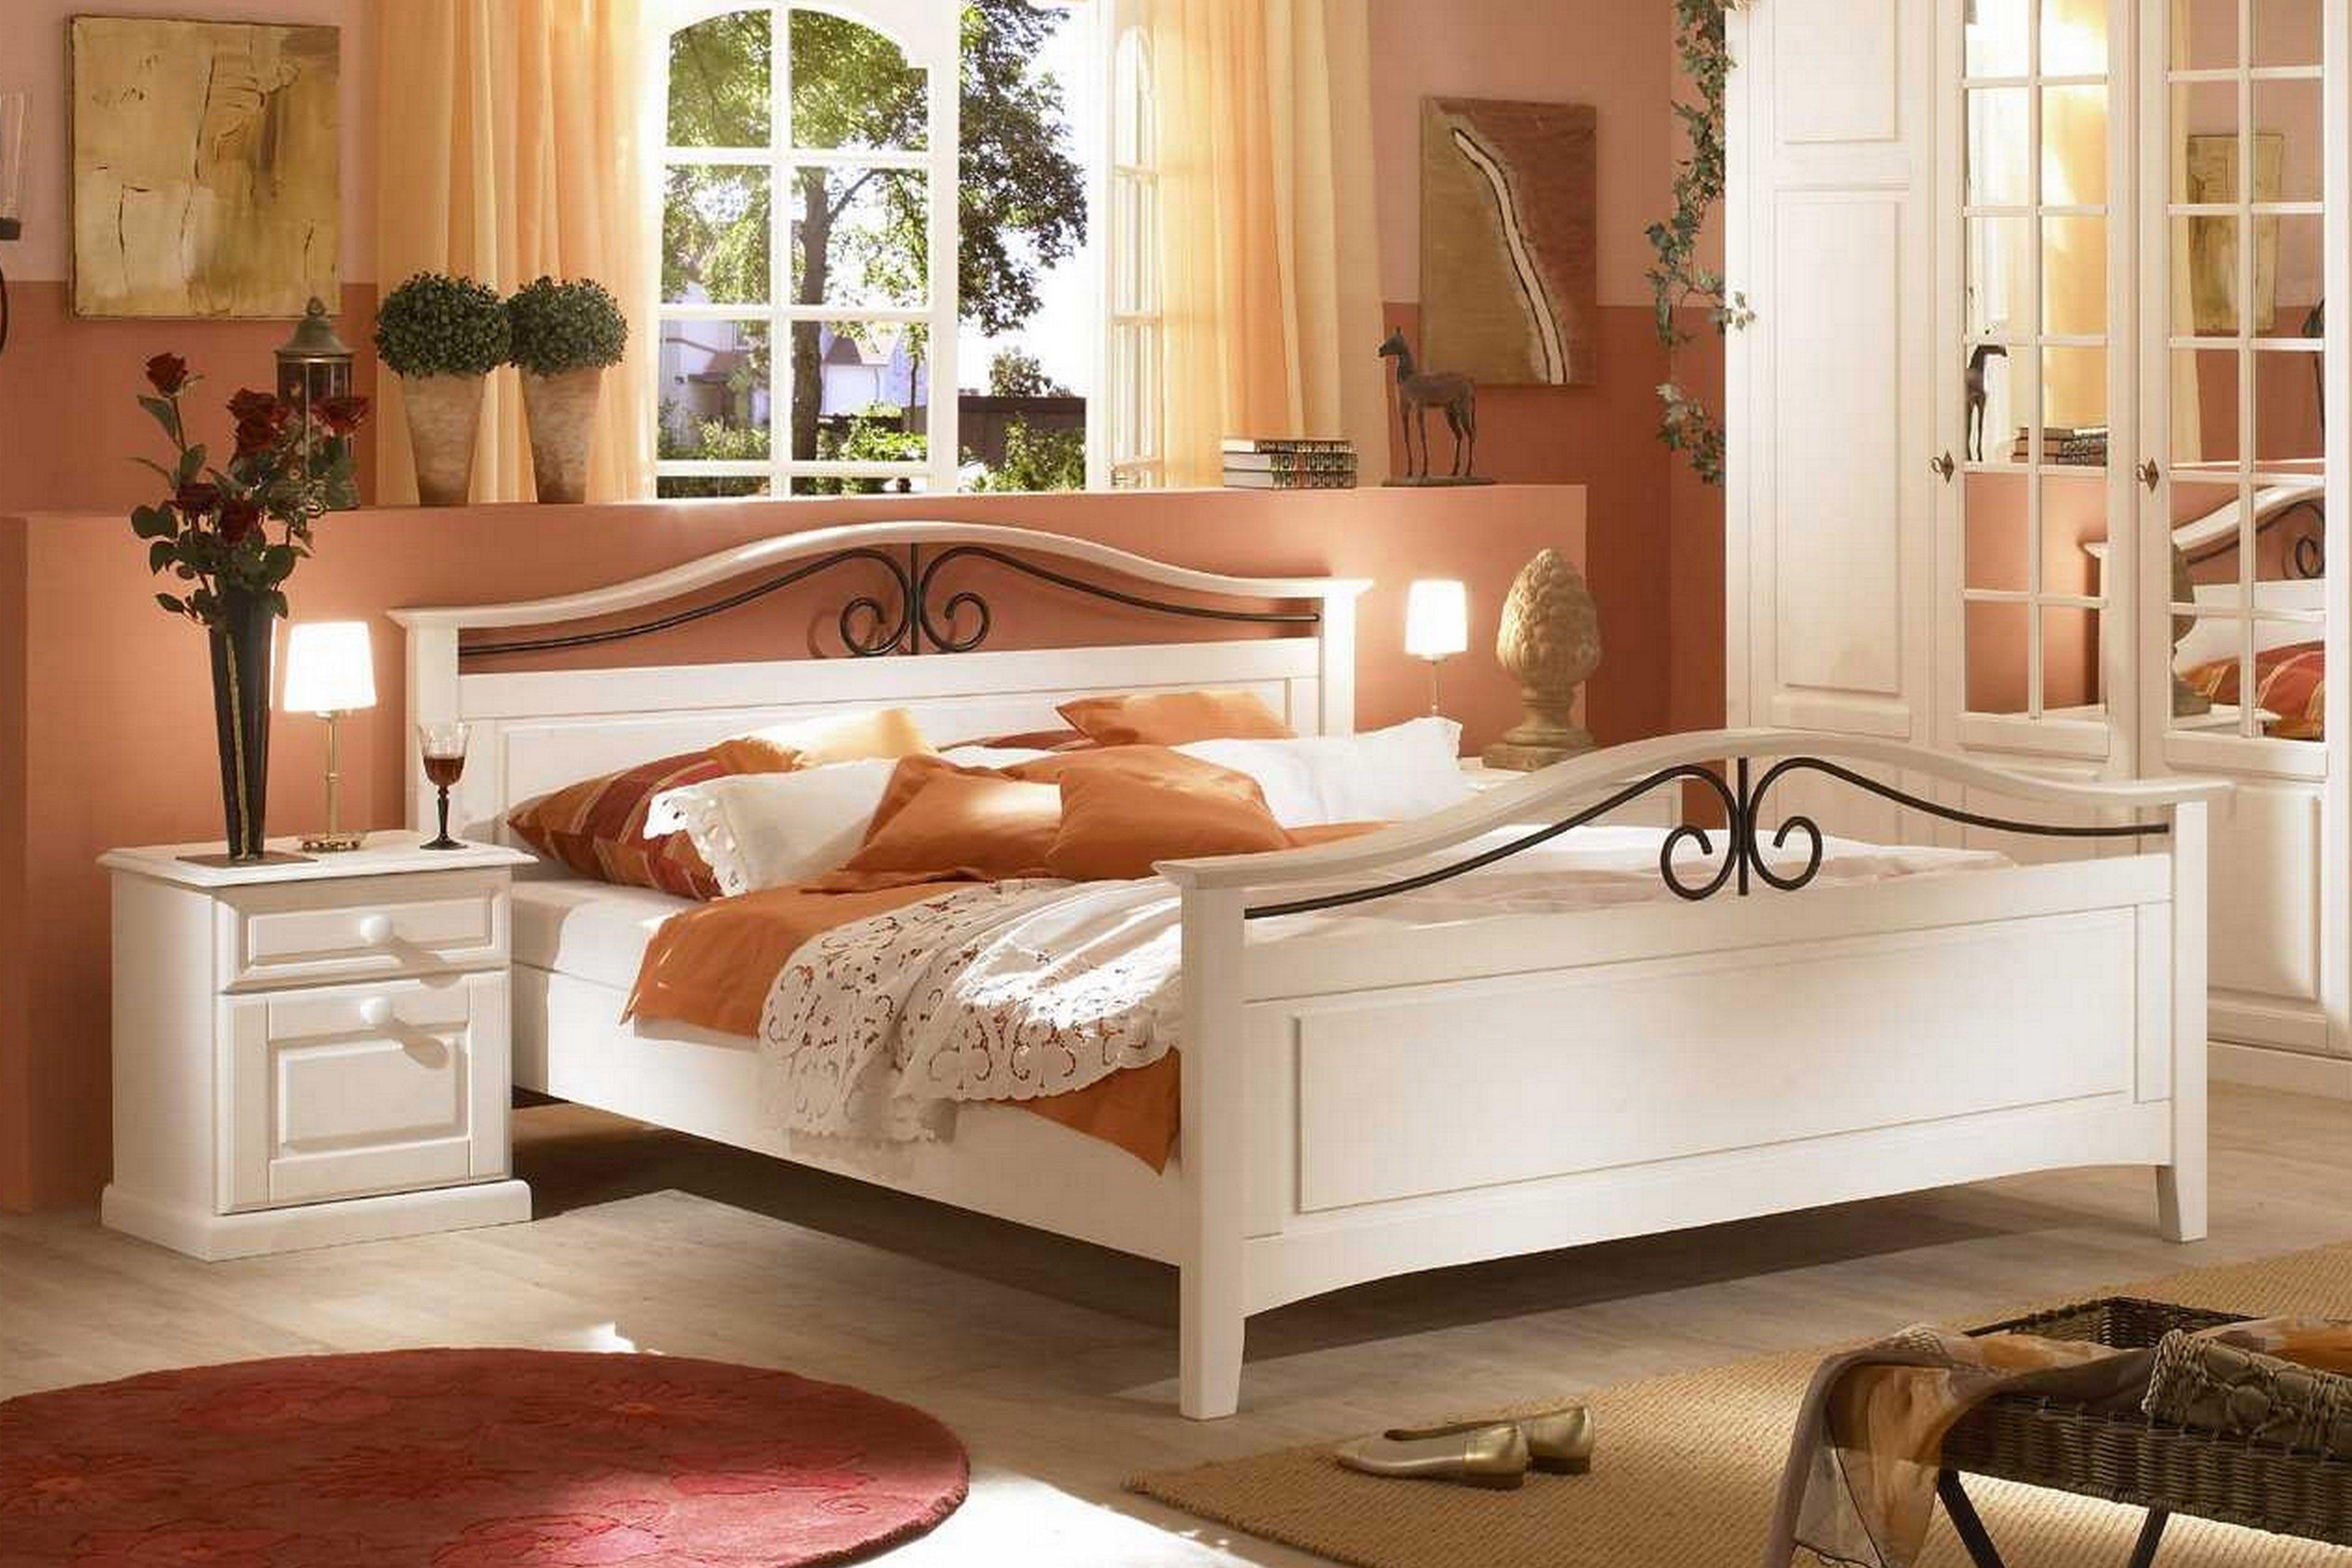 San Remo von Telmex Schlafzimmer Set 4 teilig Pinie weiß